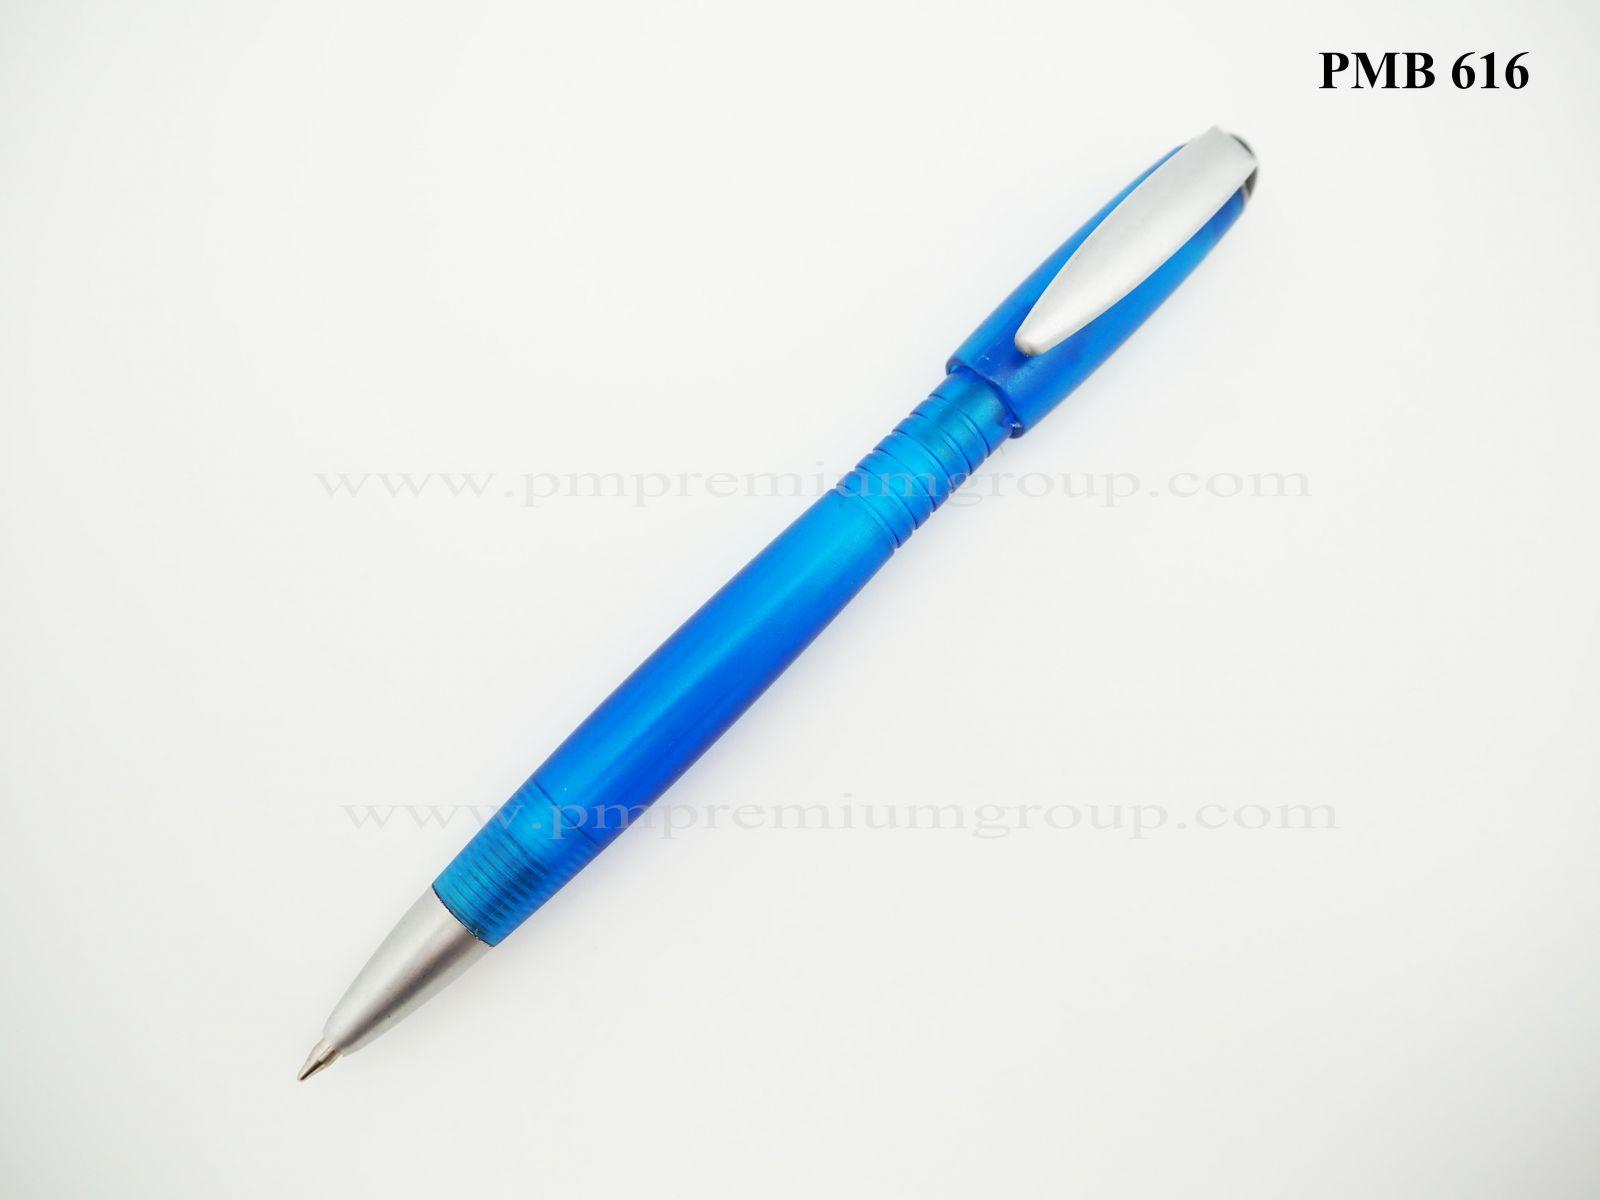 ปากกาลูกลื่น PMB616